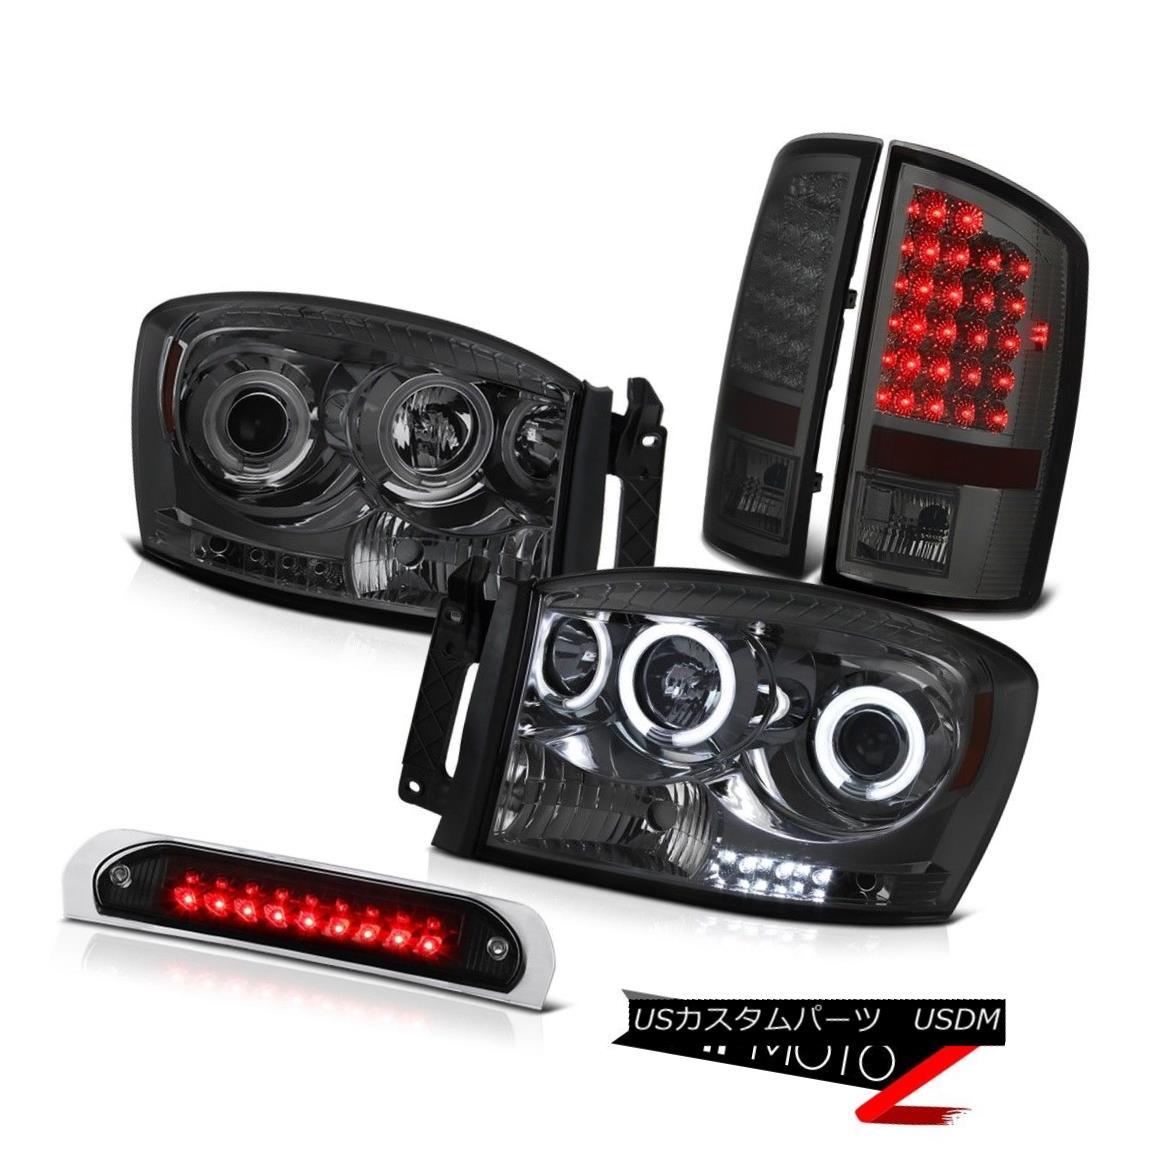 テールライト Devil's Eye CCFL Halo Headlights Signal Tail Lights Black 3rd LED 2006 Ram 2500 悪魔の目CCFL Haloヘッドライト信号テールライトブラック第3 LED 2006 Ram 2500